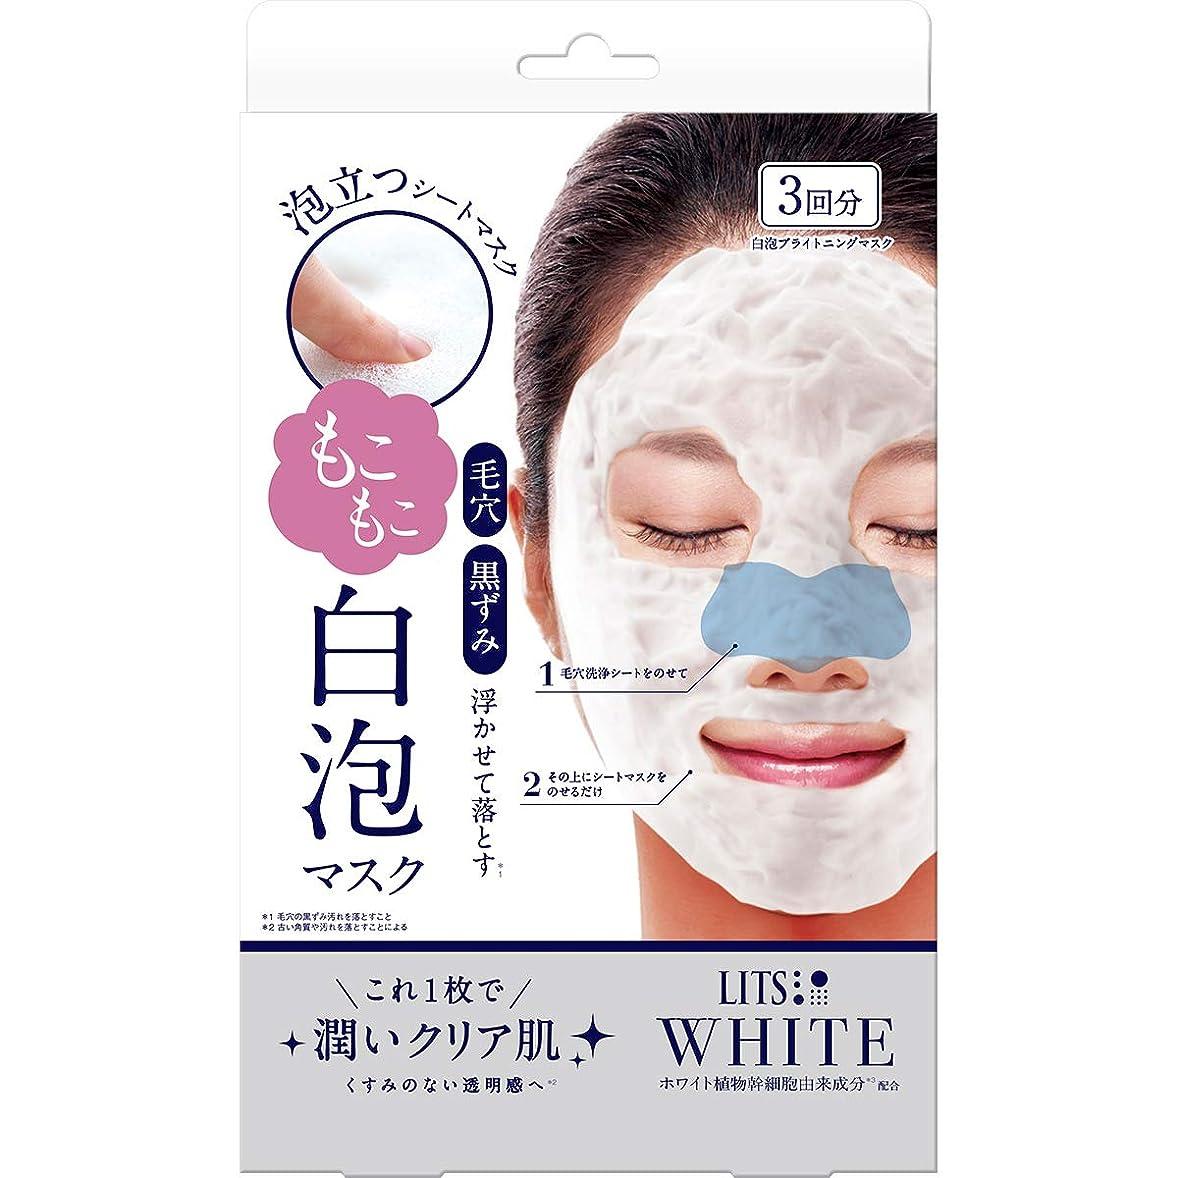 申請者放棄するトリッキーリッツ ホワイト もこもこ白泡マスク 3枚